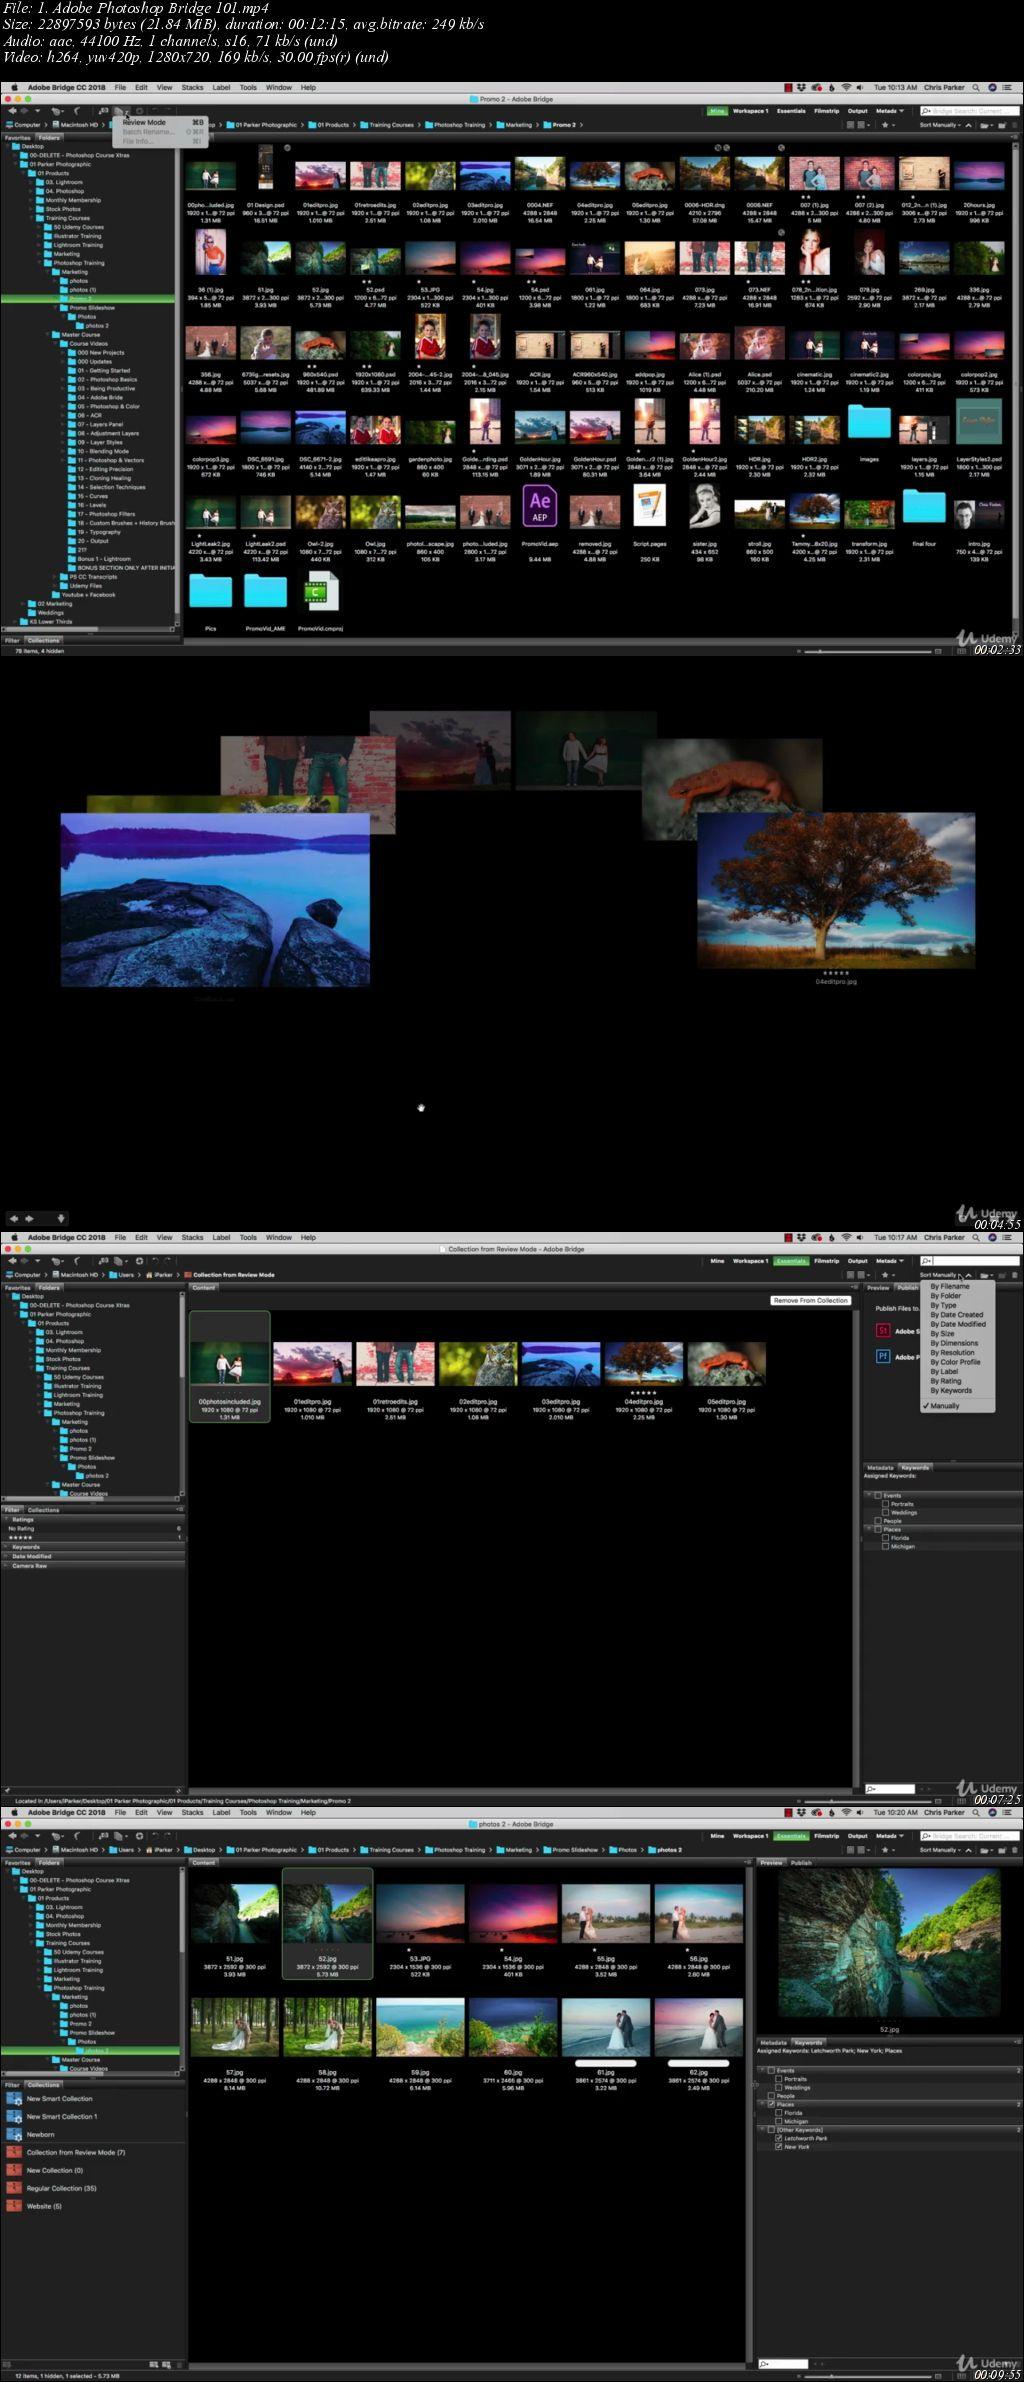 Lightroom cc 2018 torrent | Adobe Photoshop Lightroom CC 2018 Full